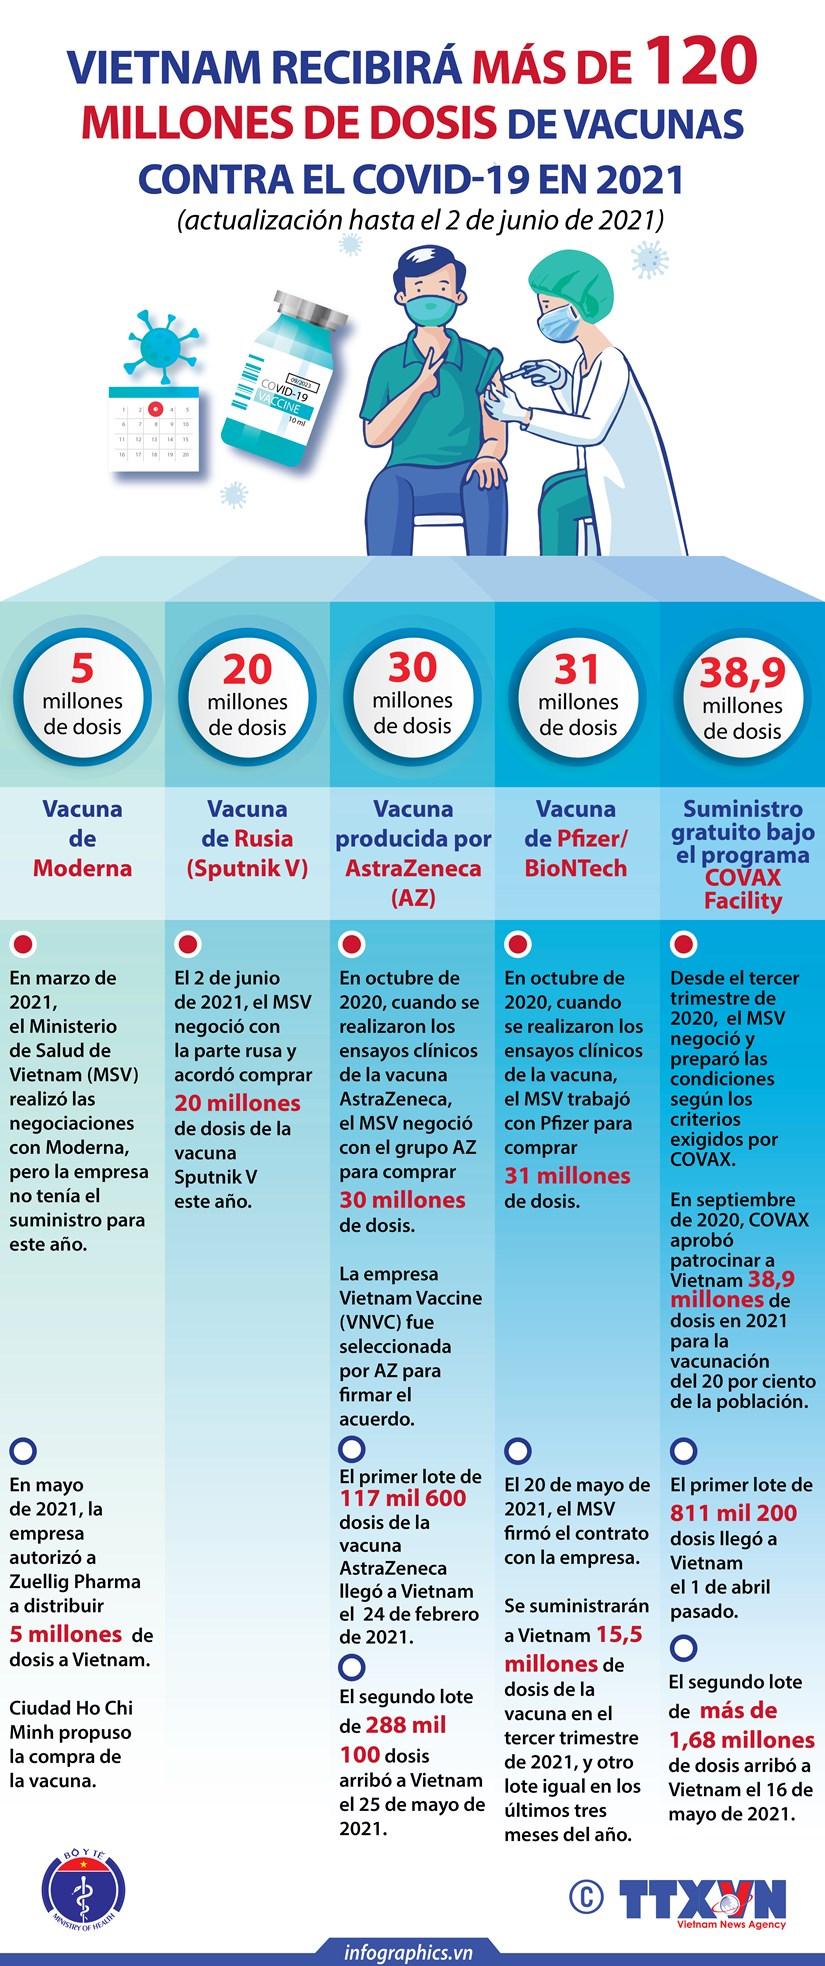 Vietnam recibira mas de 120 millones de dosis de vacunas contra el COVID-19 en 2021 hinh anh 1